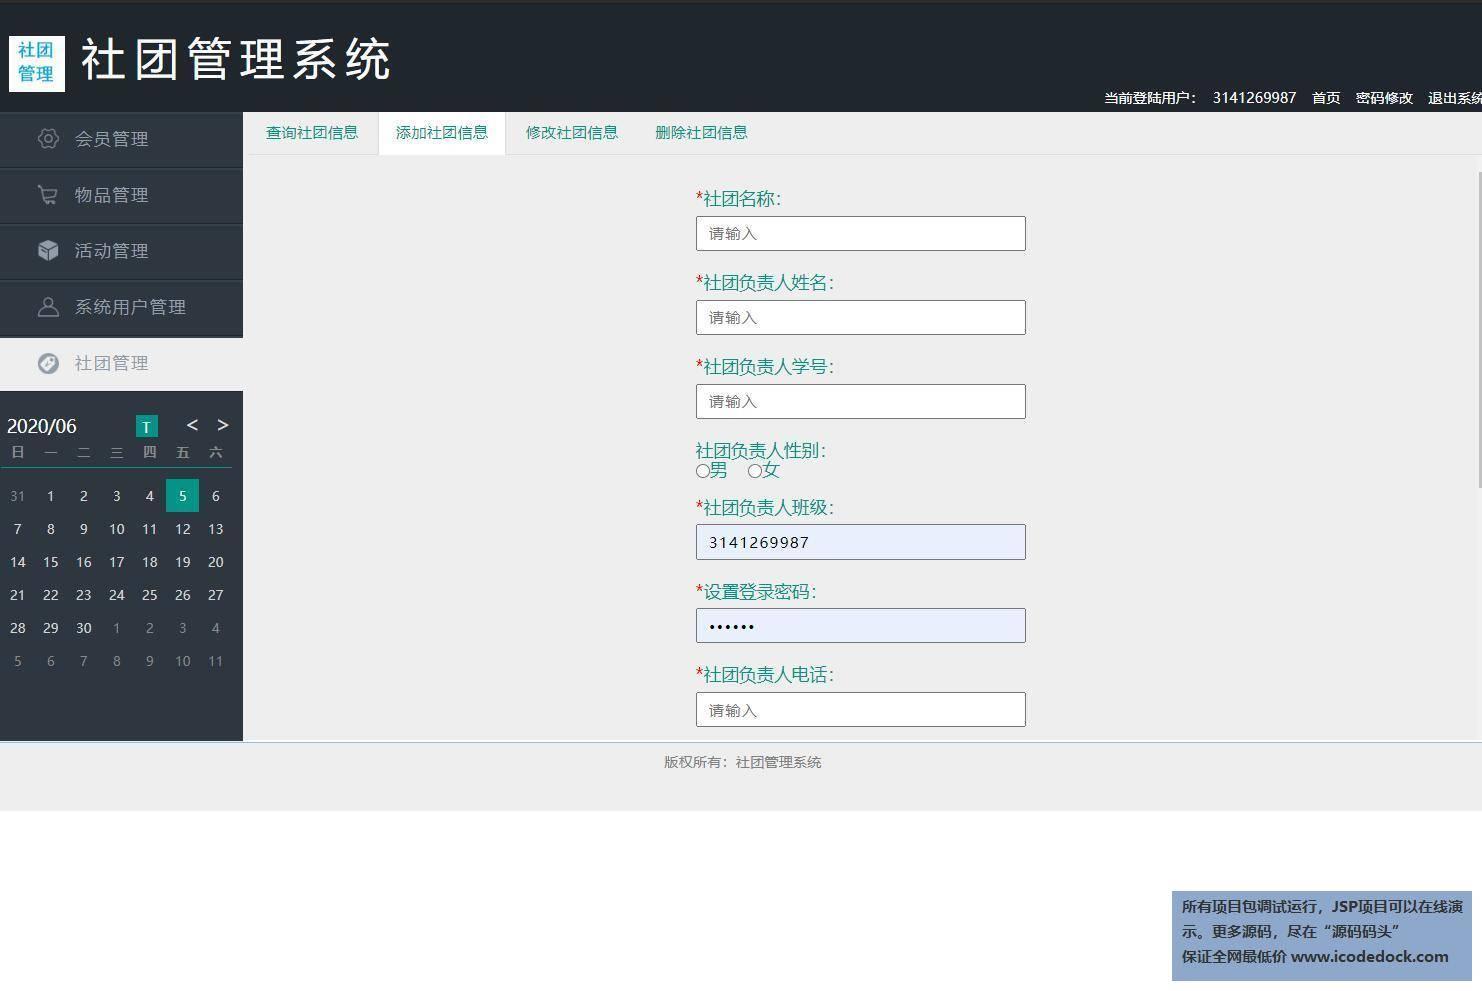 源码码头-SSM学校社团管理系统-超级管理员角色-社团添加删除